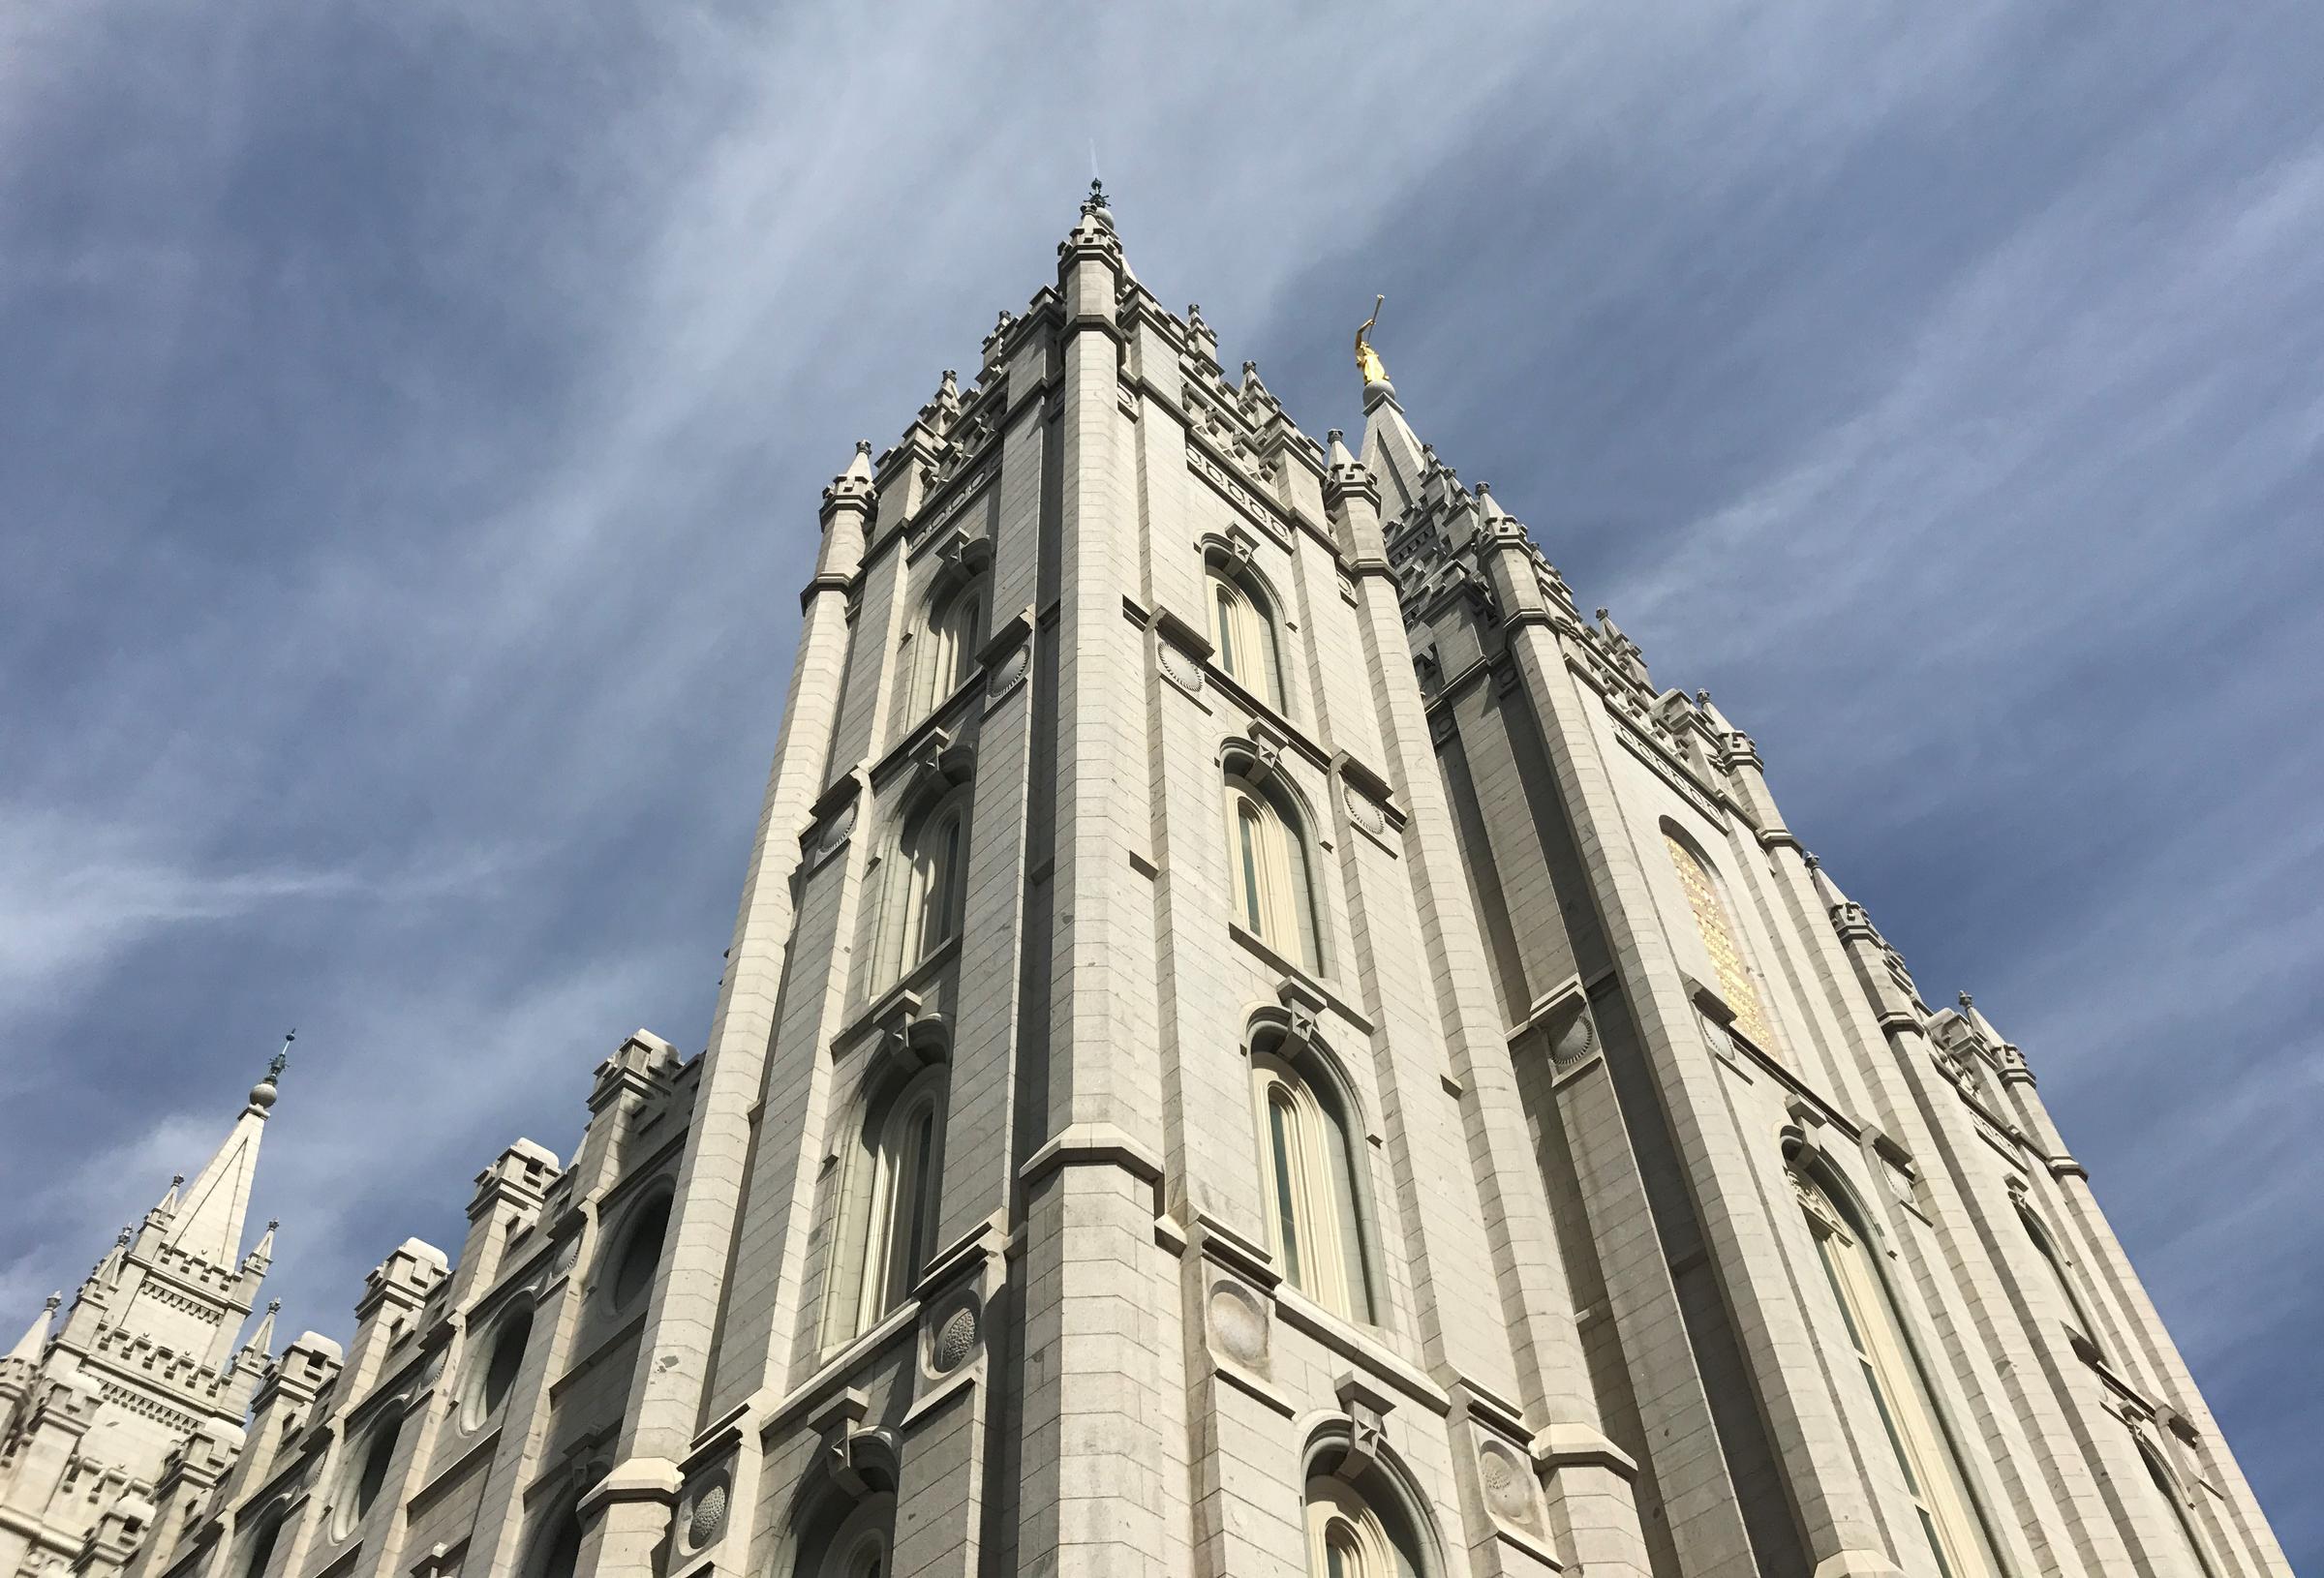 Executive Order Promotes Religious Freedom